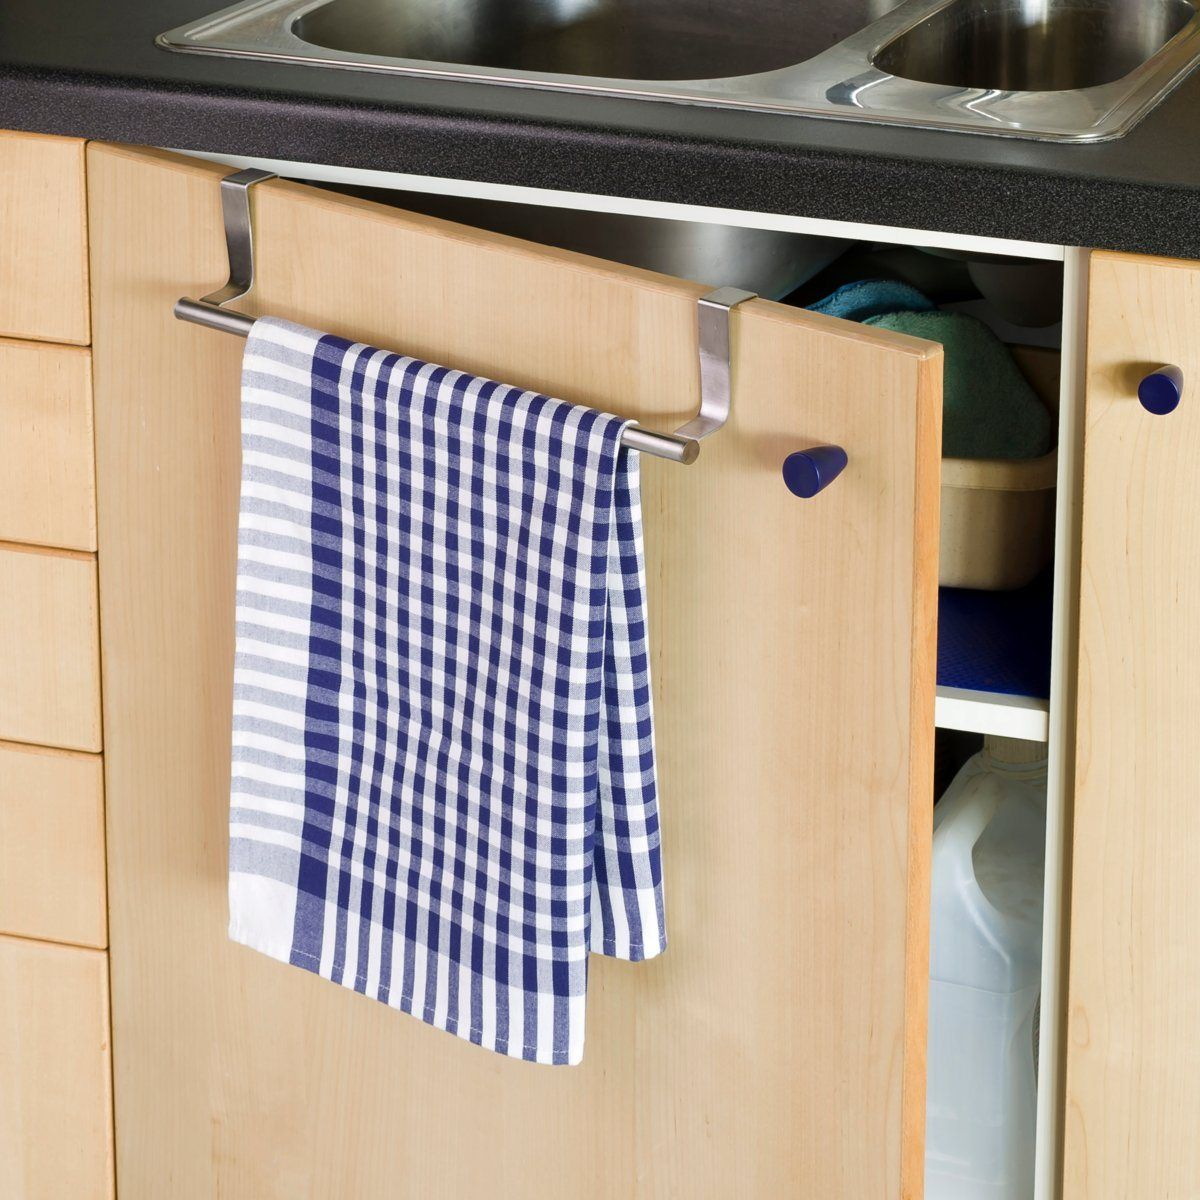 Porta-panos de cozinha, aço inoxidável, especial porta ou gaveta La Redoute Interieurs | La Redoute